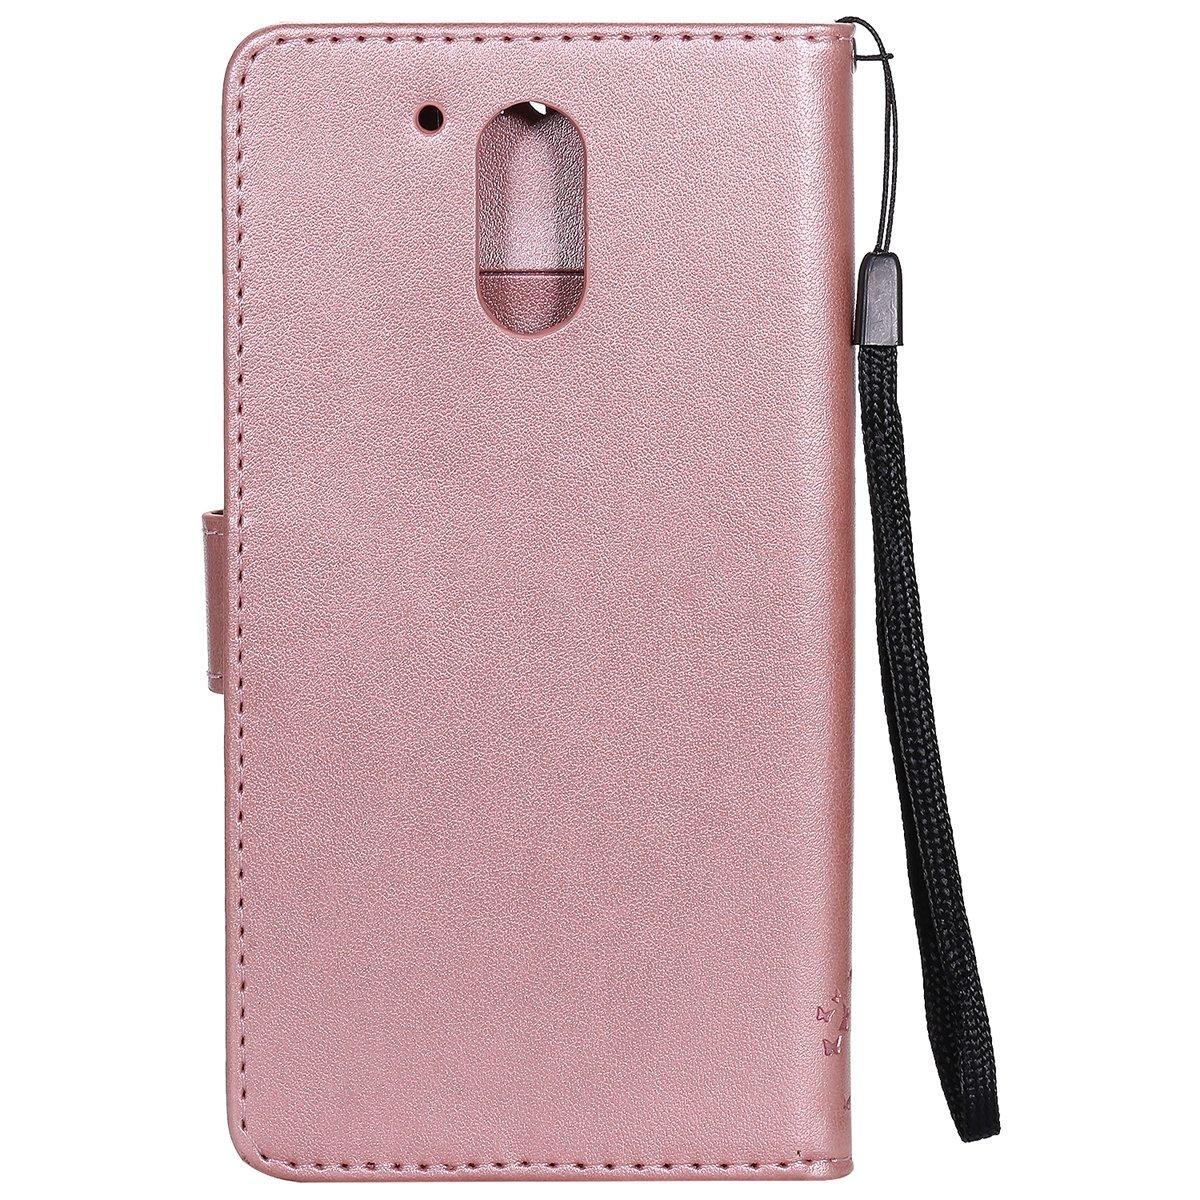 Uposao Kompatibel mit Motorola Moto G4 Leder H/ülle PU Leder Flip Tasche Pr/ägung Baum Blumen Ledertasche Wallet Handyh/ülle Tasche Schutzh/ülle Handy Tasche Cover Brieftasche H/ülle,Gr/ün